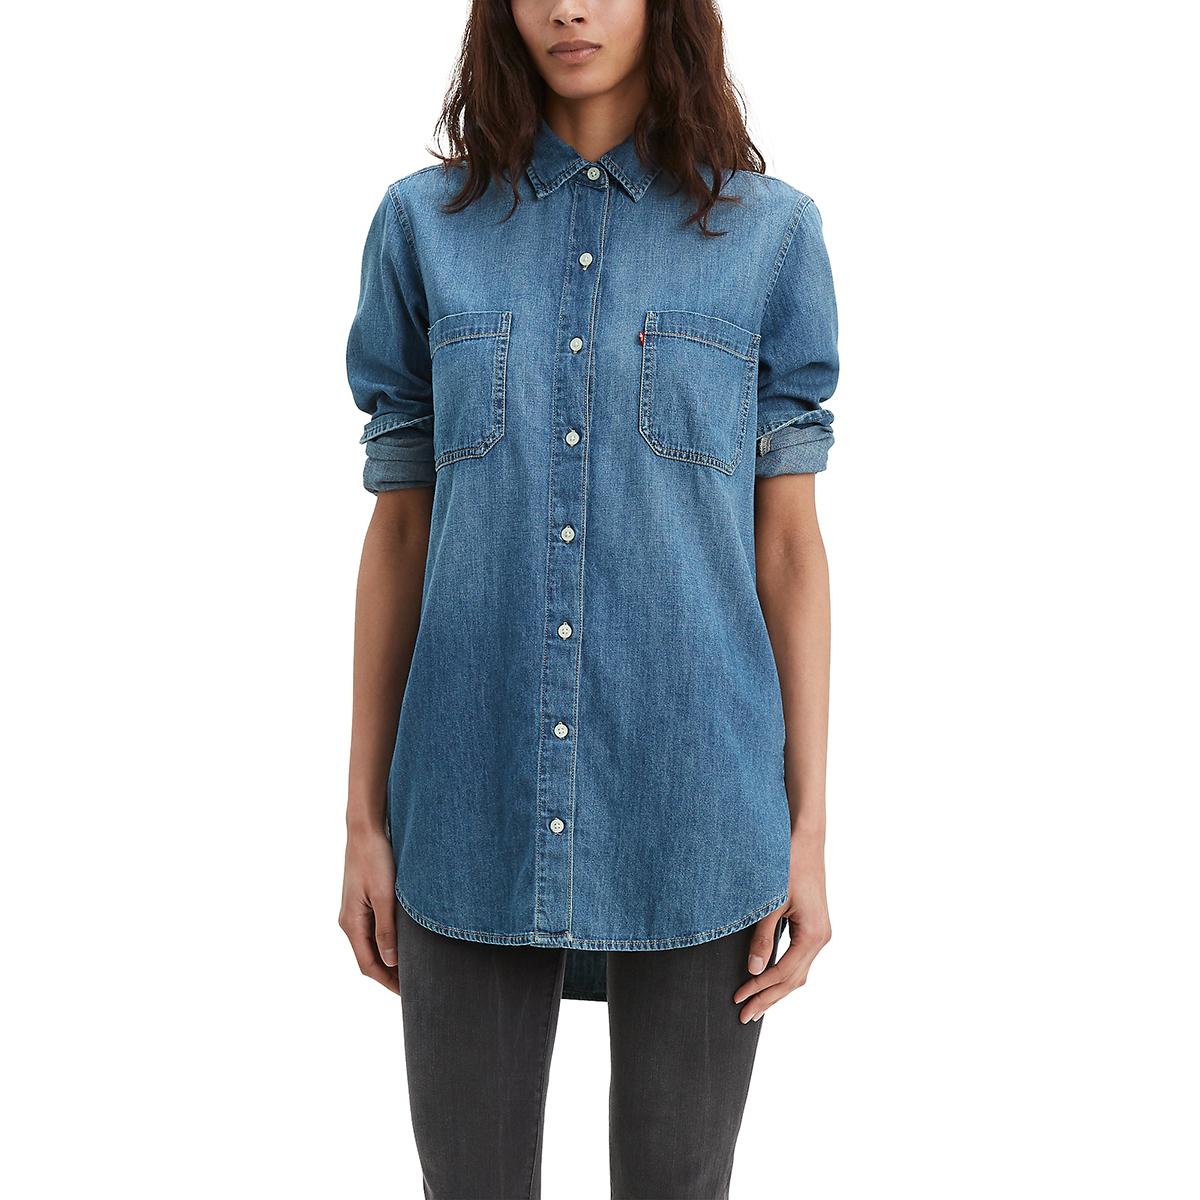 Levi's Women's Leni Long-Sleeve Tunic - Blue, S